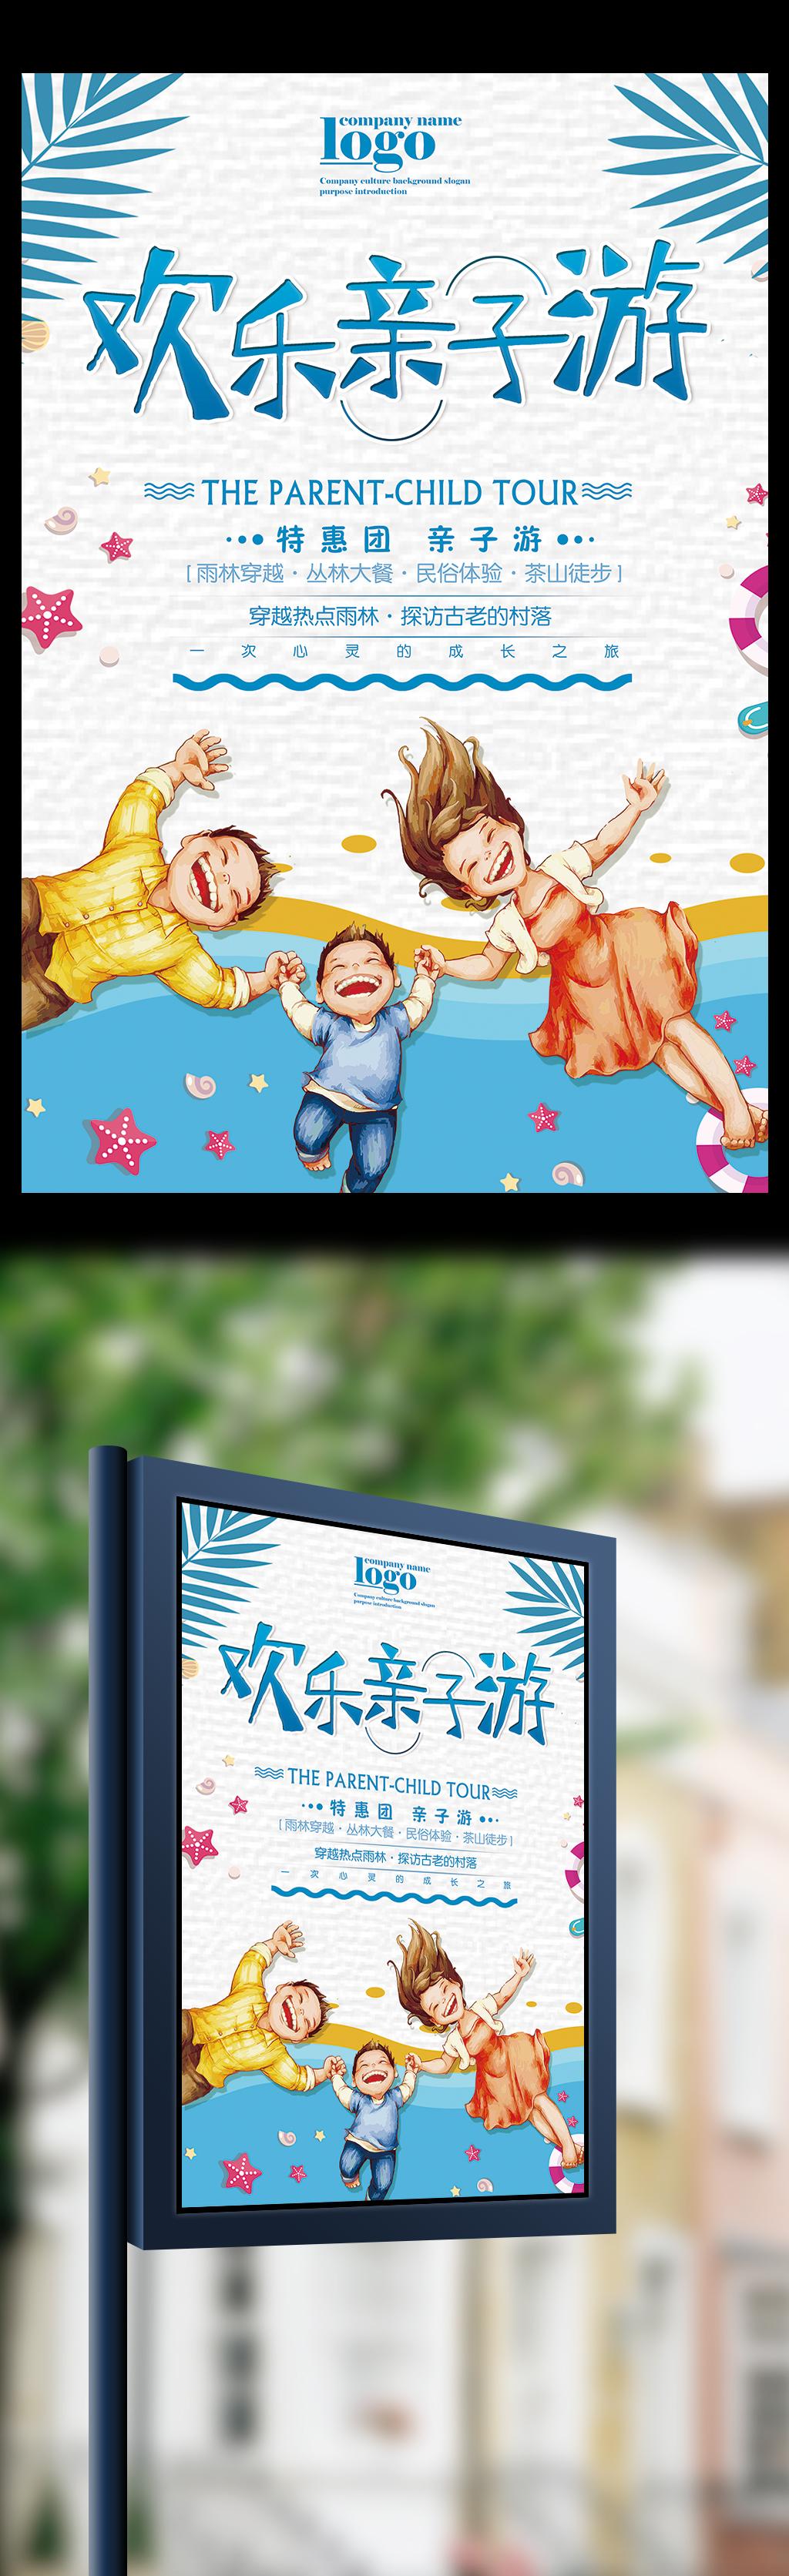 简约欢乐亲子游旅游海报设计